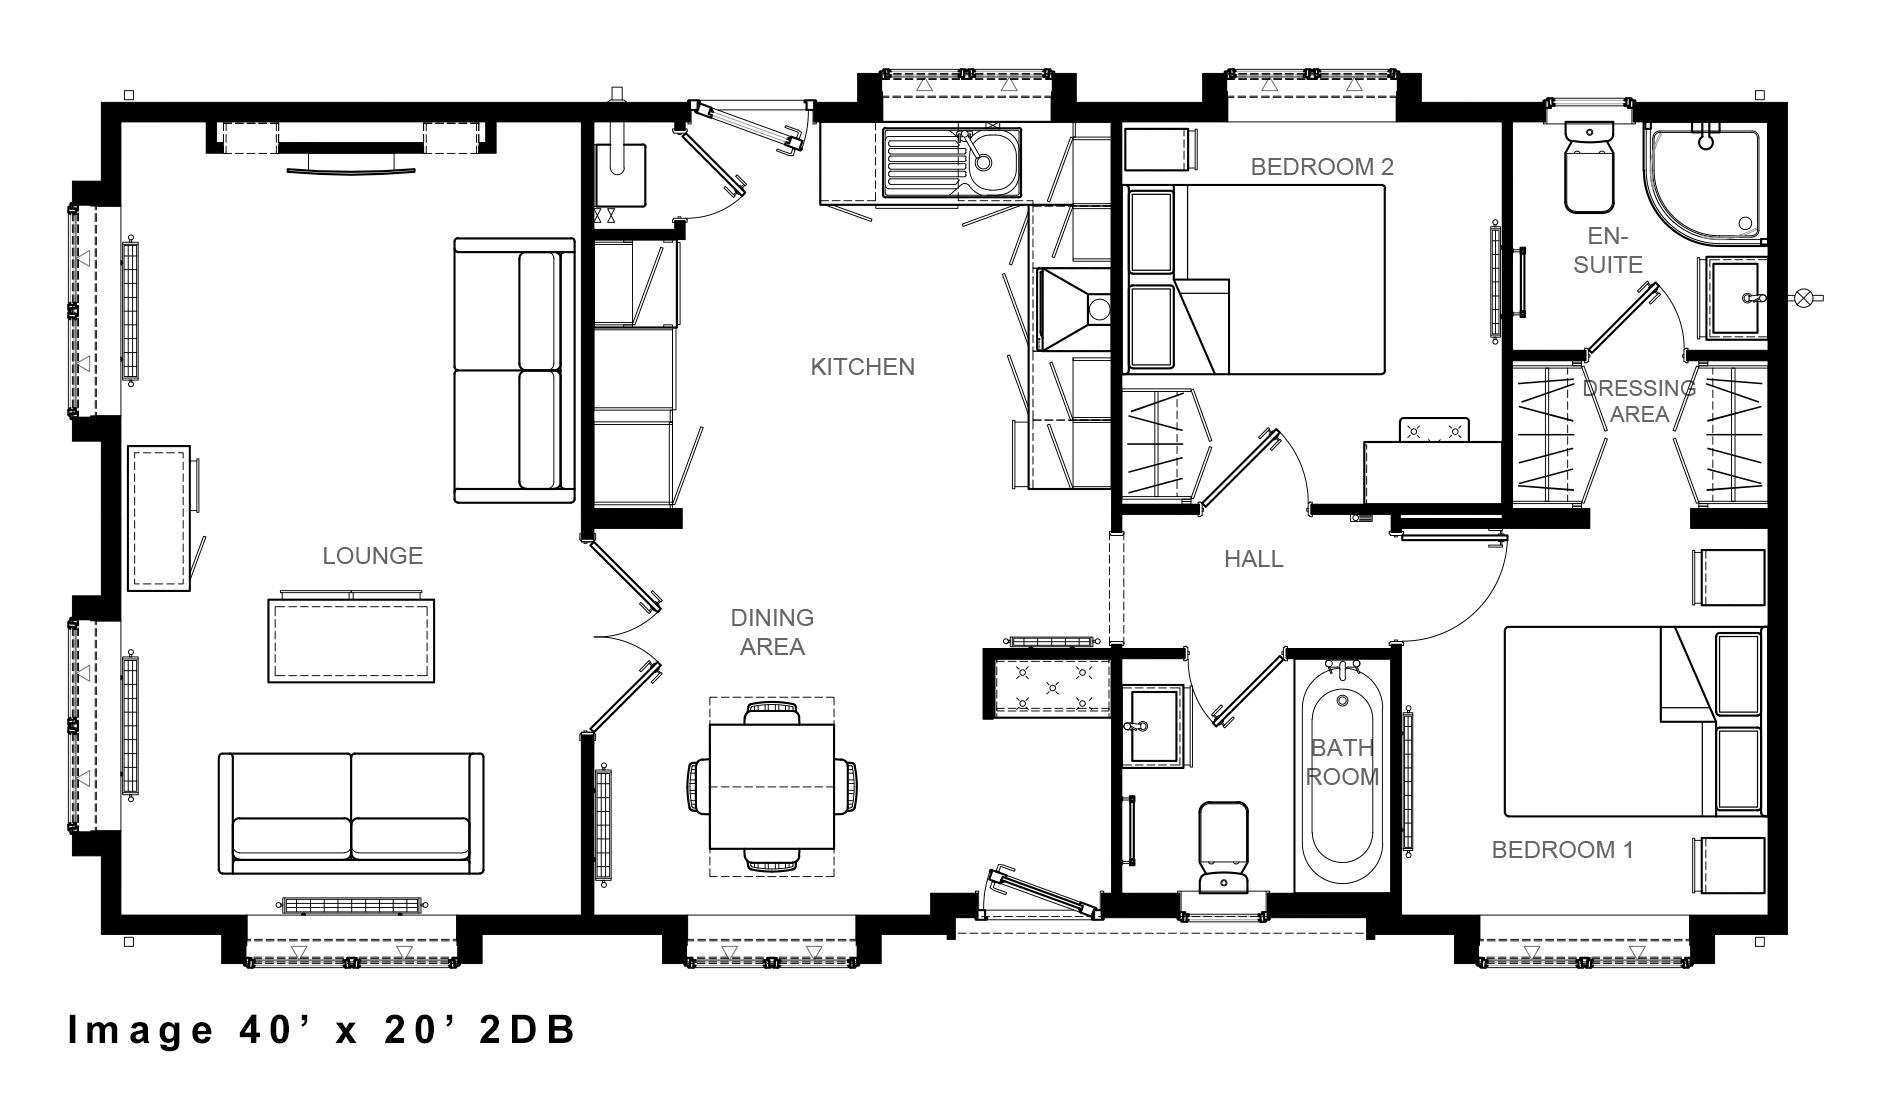 Image 40 x 20 floor plan